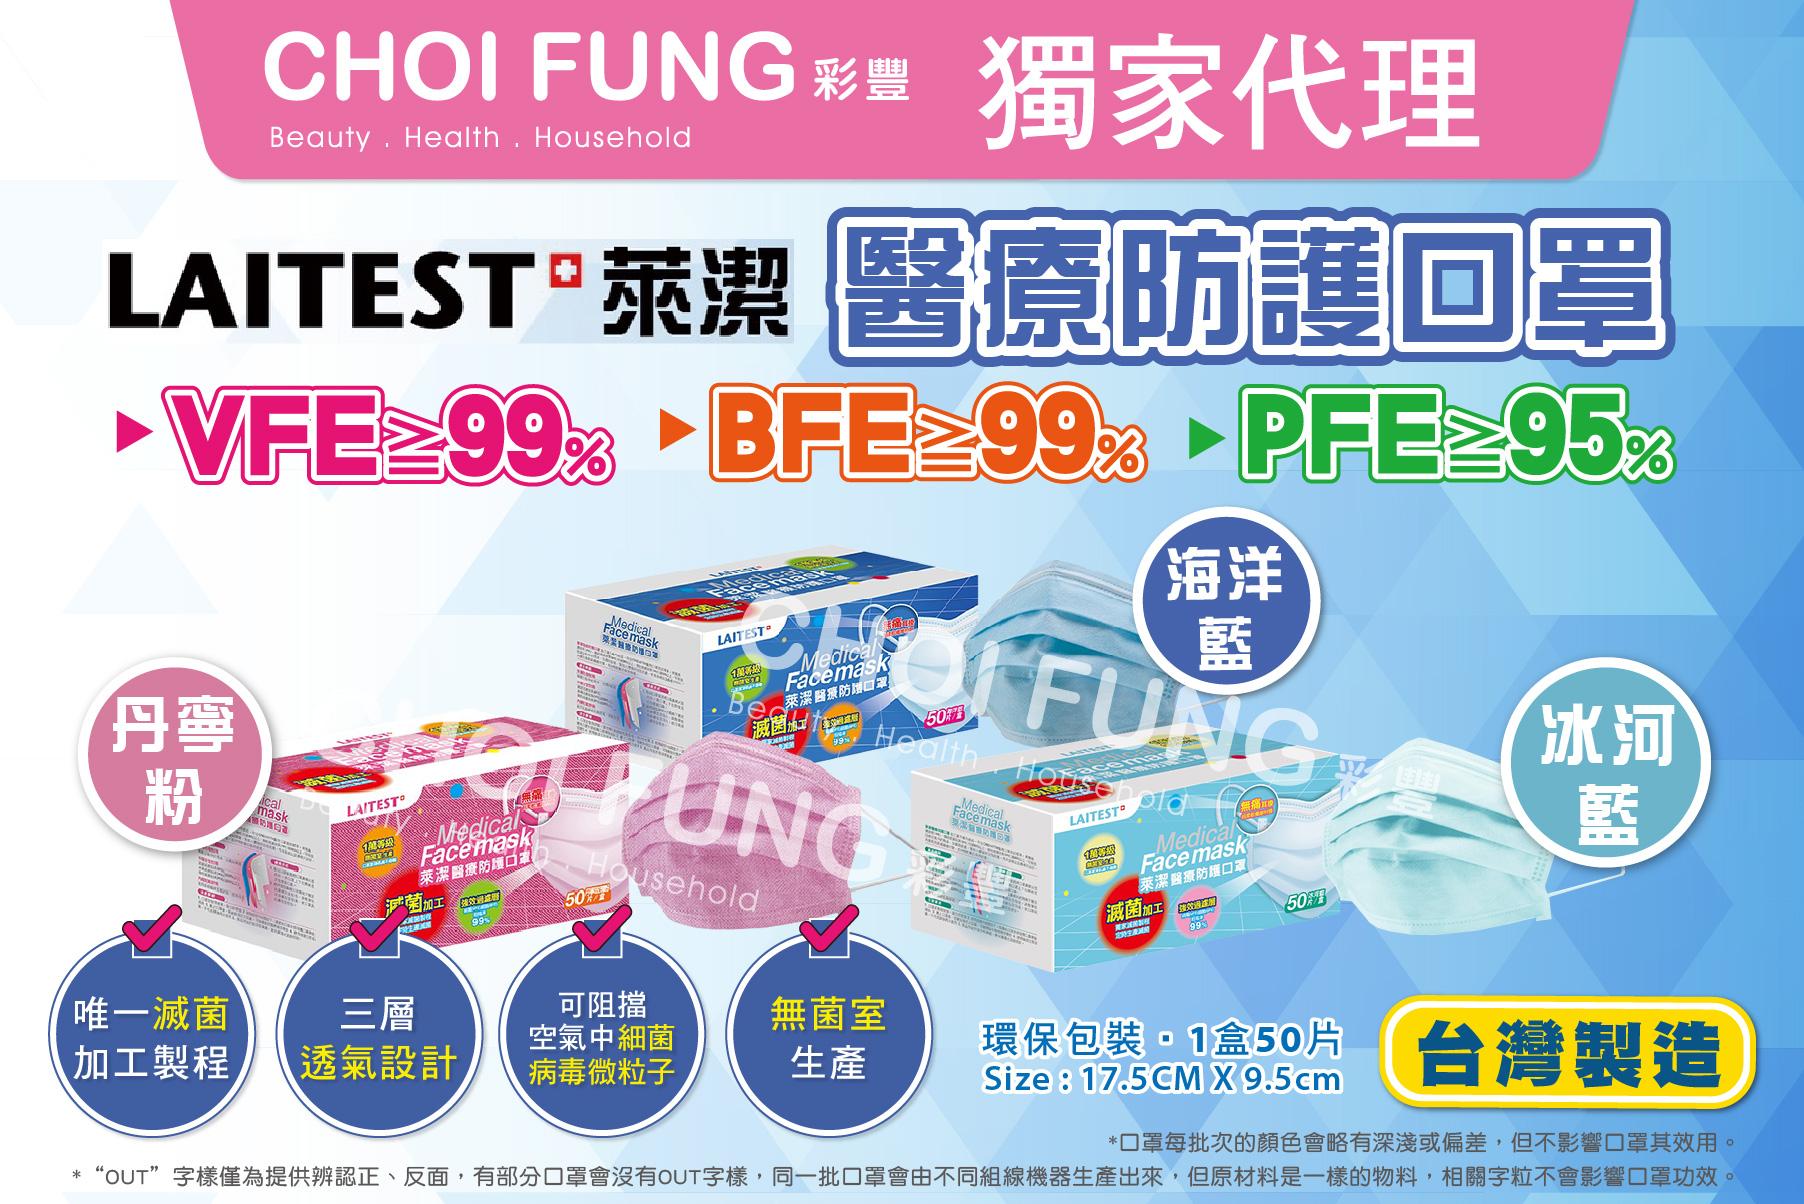 彩豐行 Choi Fung Hong 台灣製造 萊潔.醫療防護口罩、夏日幻色口罩